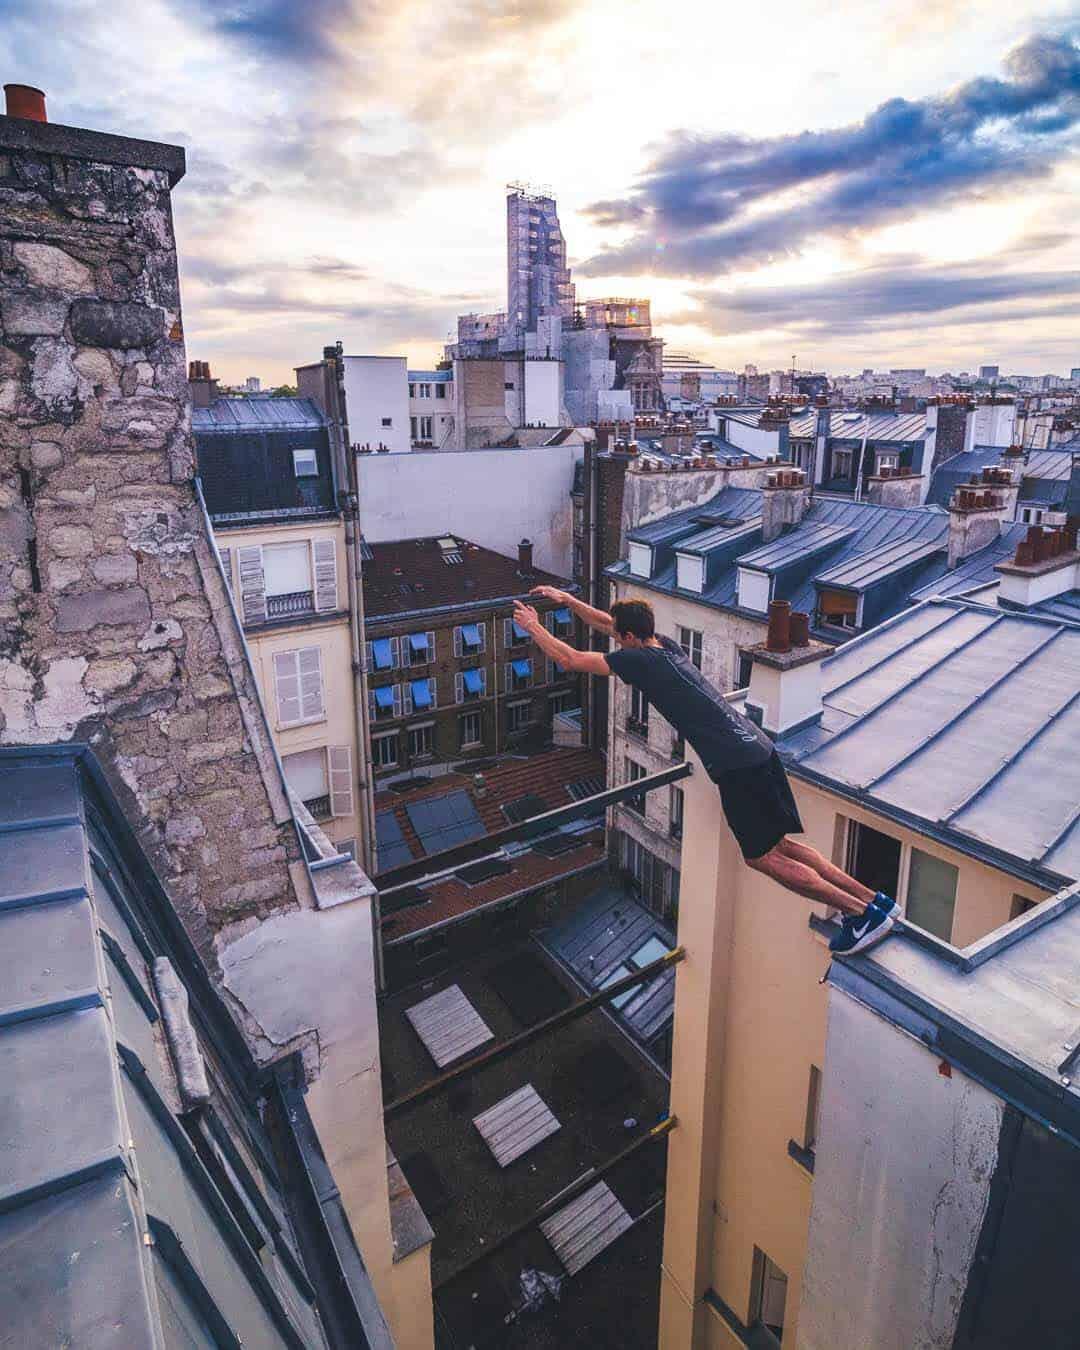 etrefort thibaut parkour clothing outdor paris rooftop pov precision jump